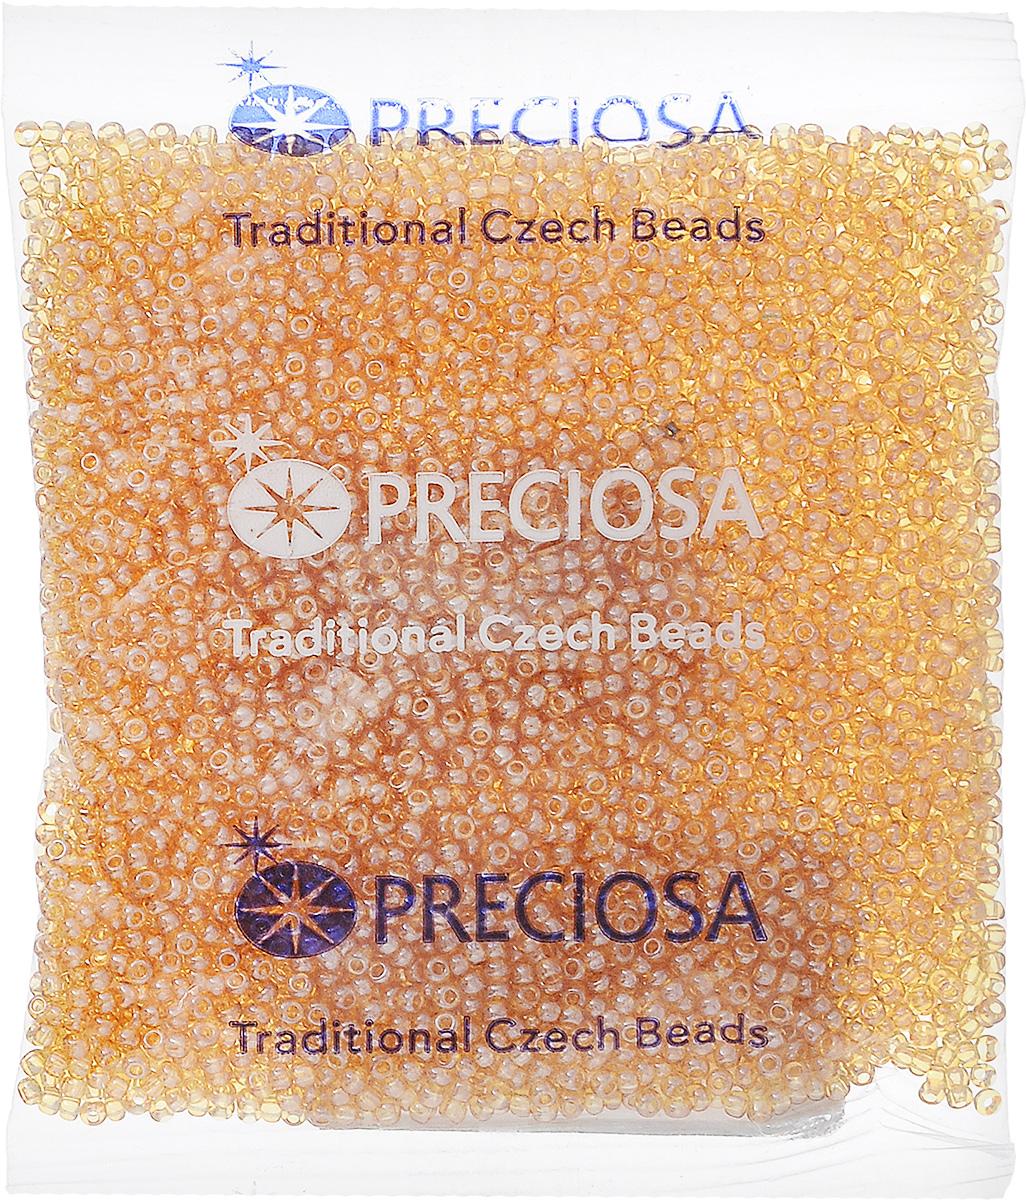 Бисер Preciosa Ассорти, прозрачный, цвет: светло-коричневый (12), 50 г163142_12_светло-коричневыйБисер Preciosa Ассорти, изготовленный из стекла круглой формы, позволит вам своими руками создать оригинальные ожерелья, бусы или браслеты, а также заняться вышиванием. В бисероплетении часто используют бисер разных размеров и цветов. Он идеально подойдет для вышивания на предметах быта и женской одежде. Изготовление украшений - занимательное хобби и реализация творческих способностей рукодельницы, это возможность создания неповторимого индивидуального подарка.